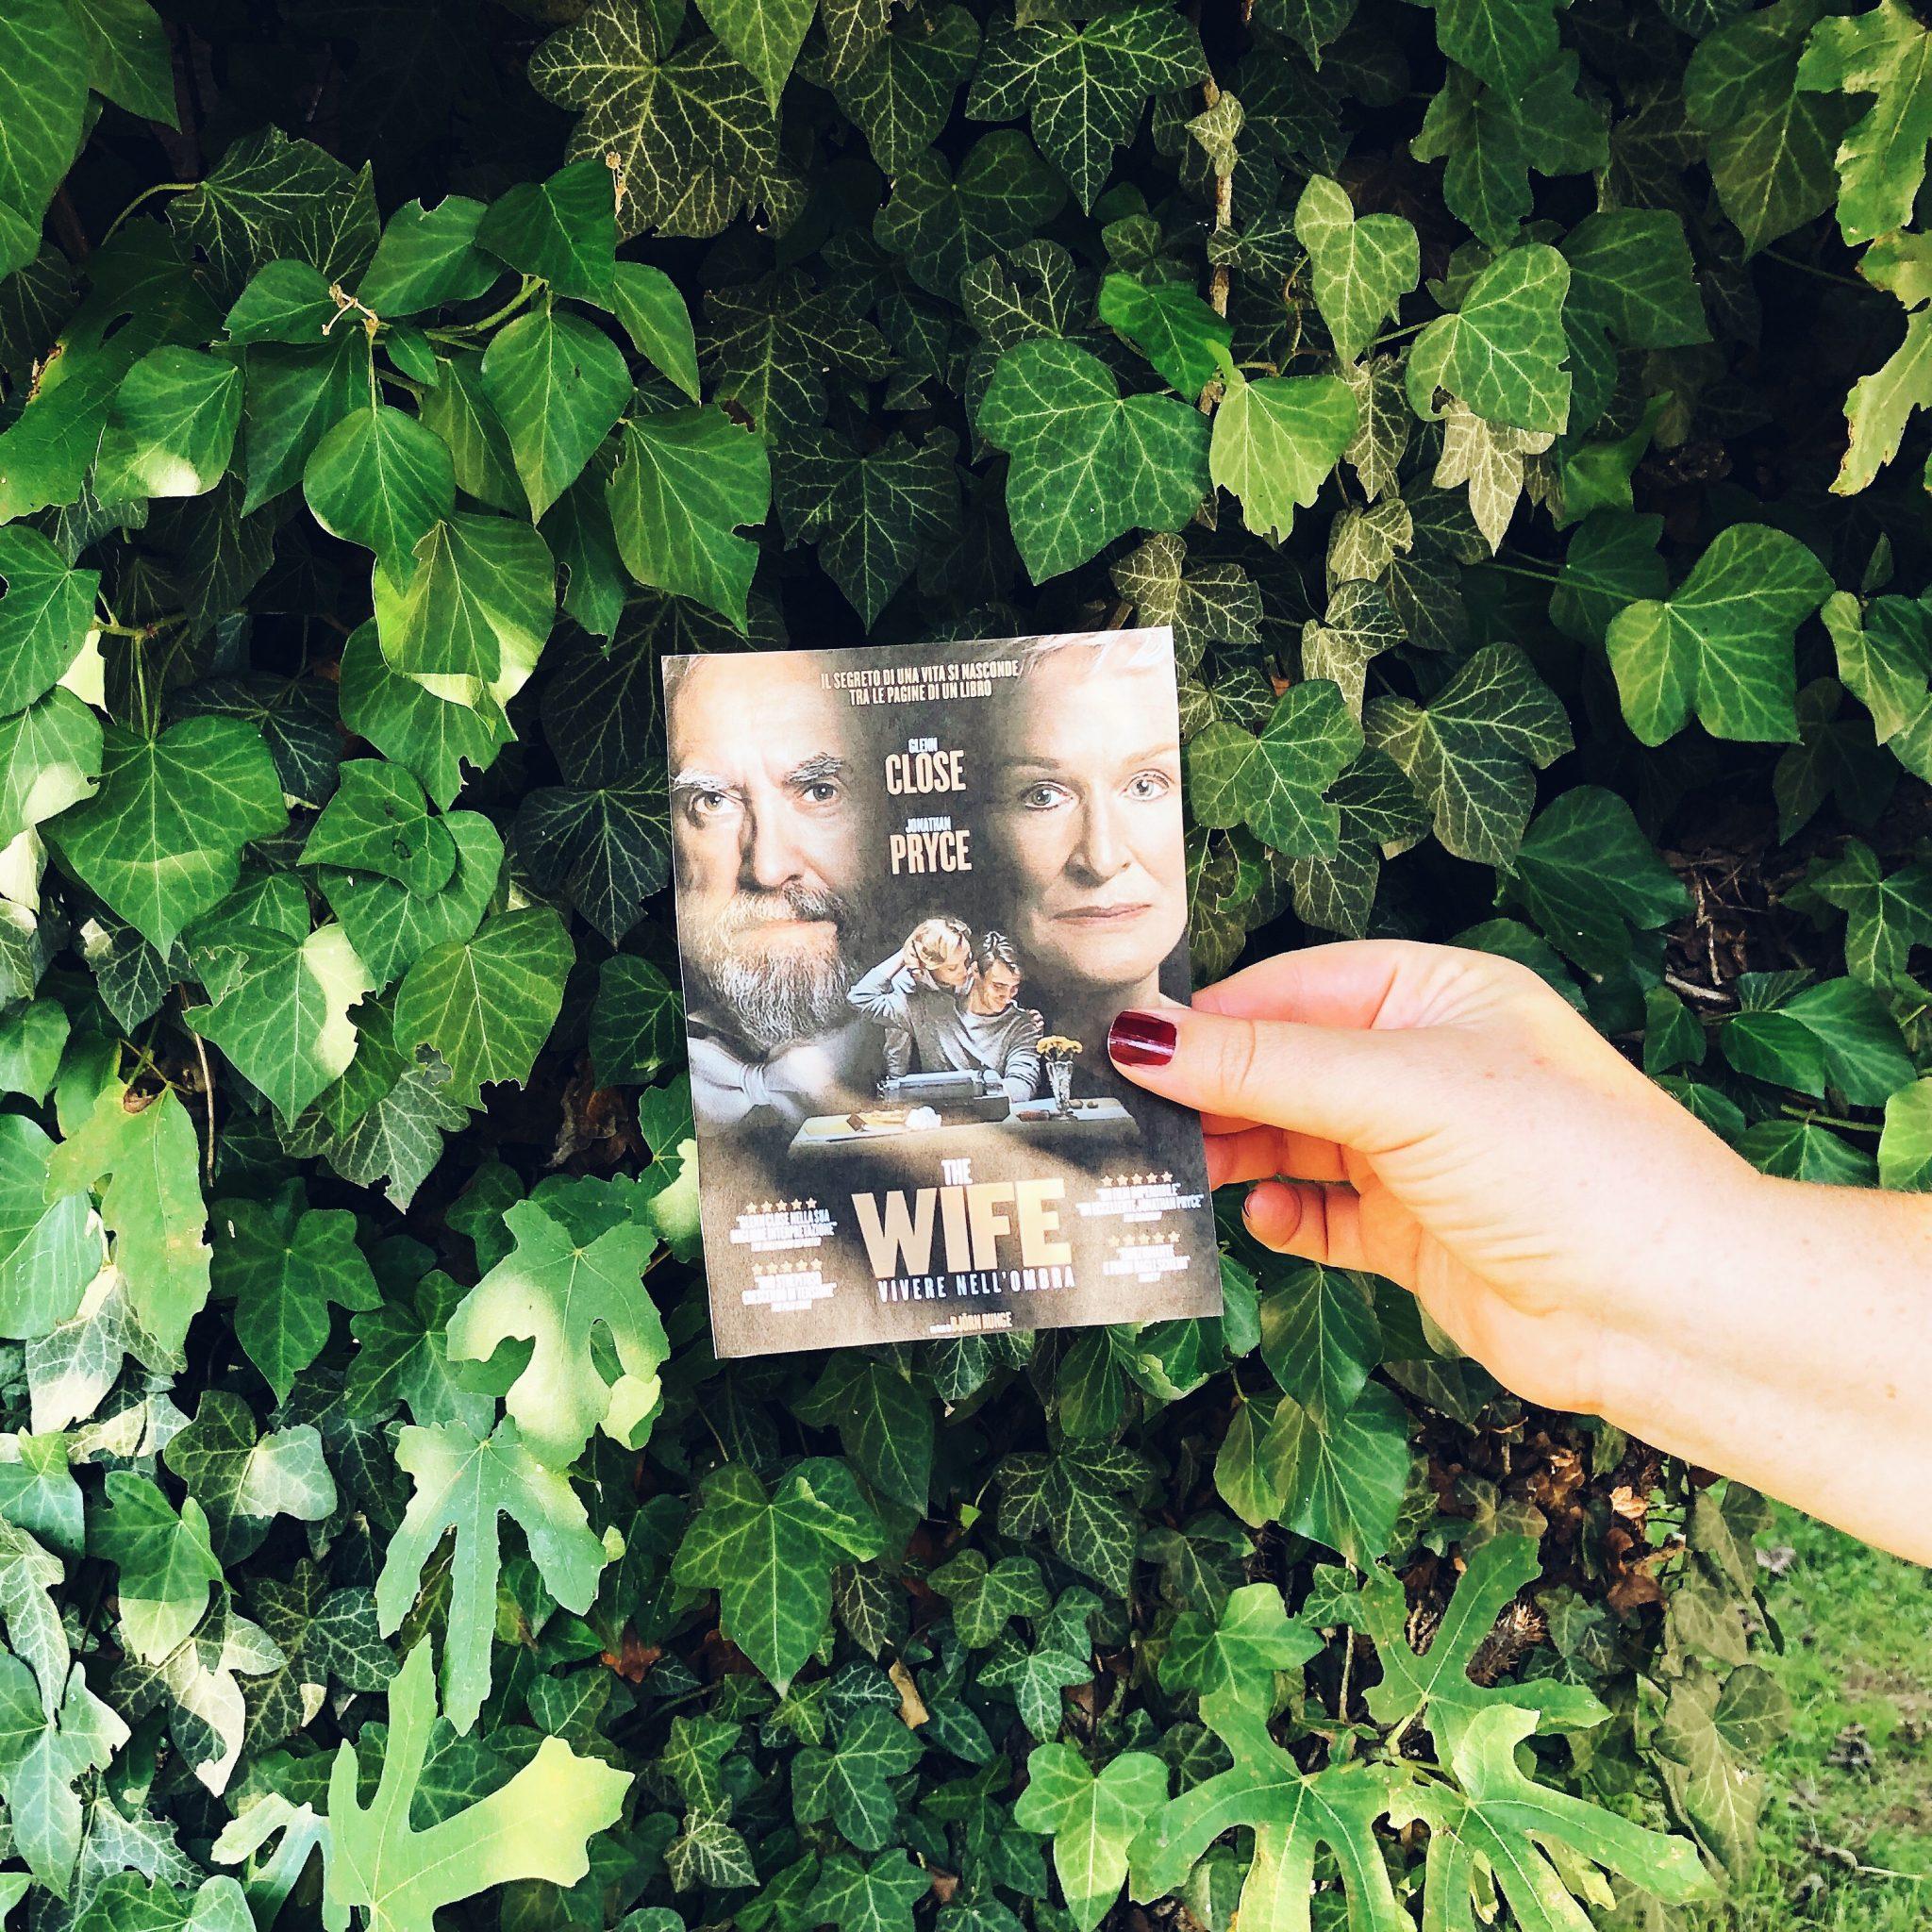 Mano che sorregge la Locandina del film The Wife su uno sfondo di foglie verdi - foto di tatianaberlaffa.com